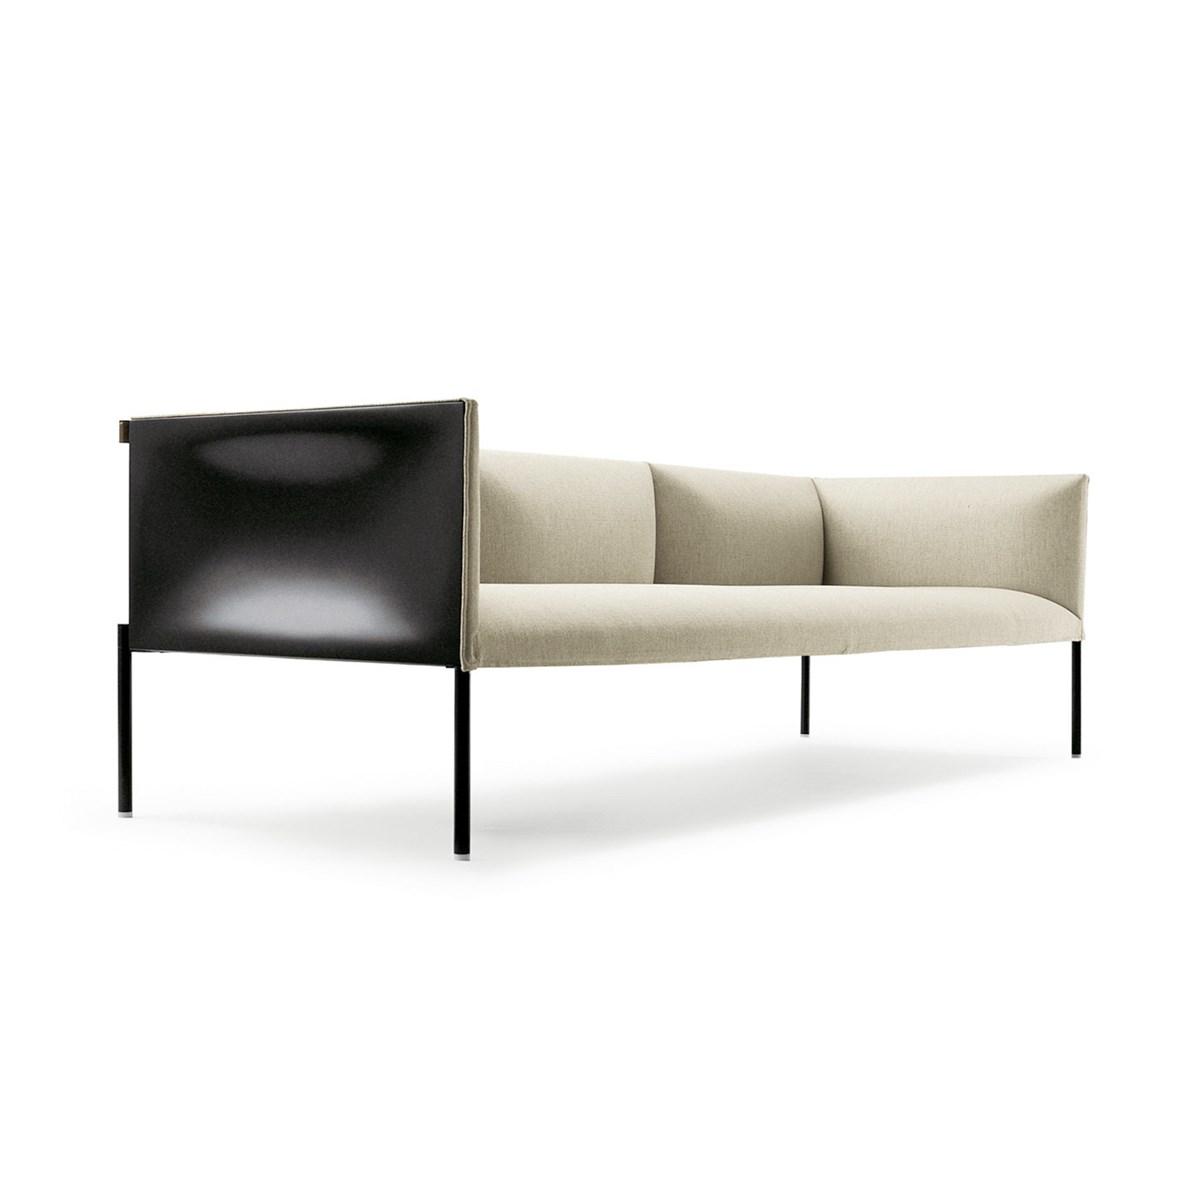 B&B-Italia-Patricia-Urquiola-Hollow-Sofa-Matisse-1